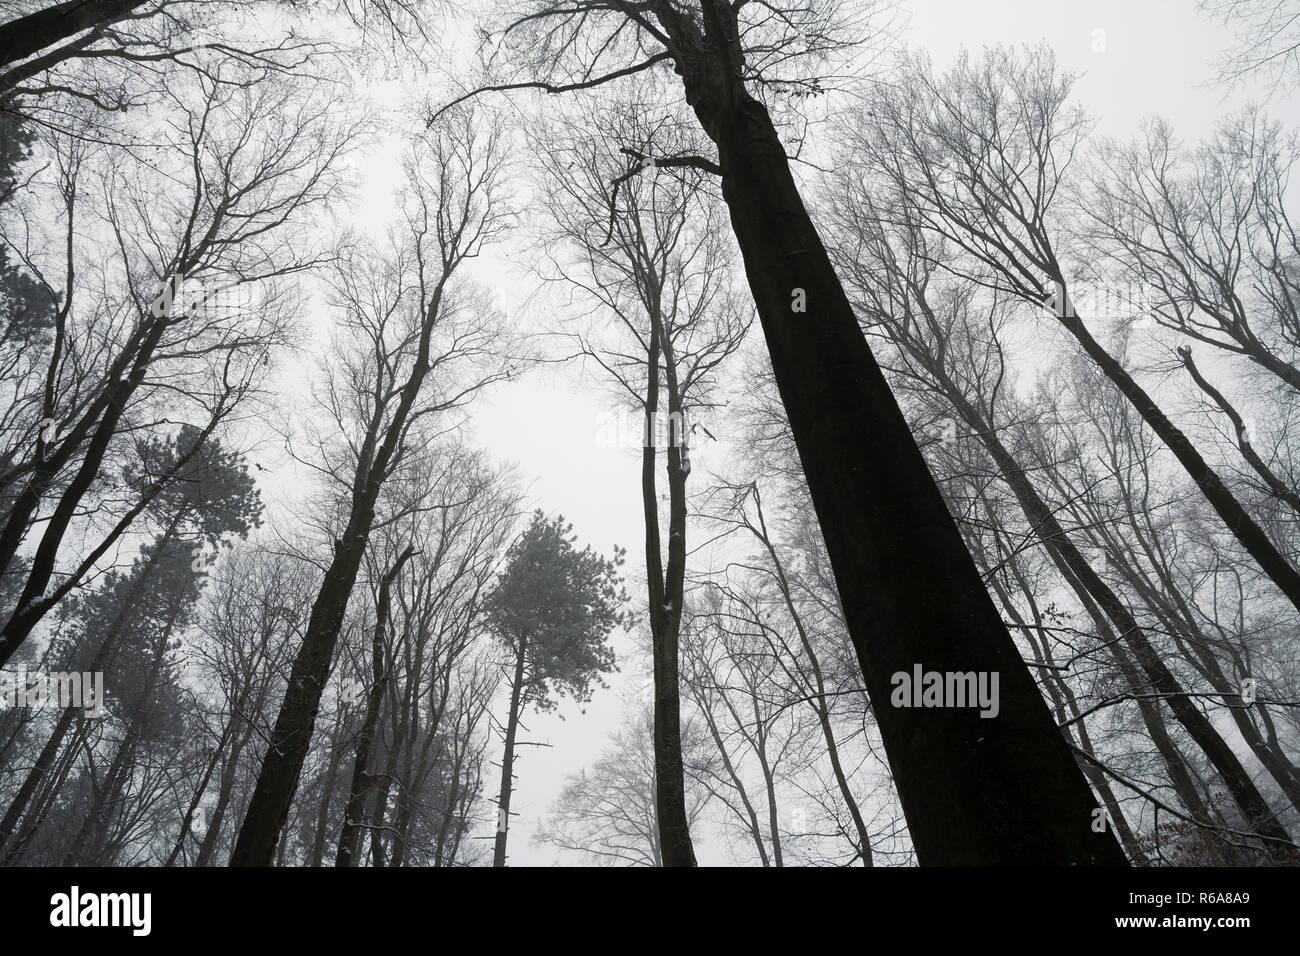 Sfrondato bosco di latifoglie treetops in inverno. silhouette di alberi nella foresta. basso angolo di visione Immagini Stock